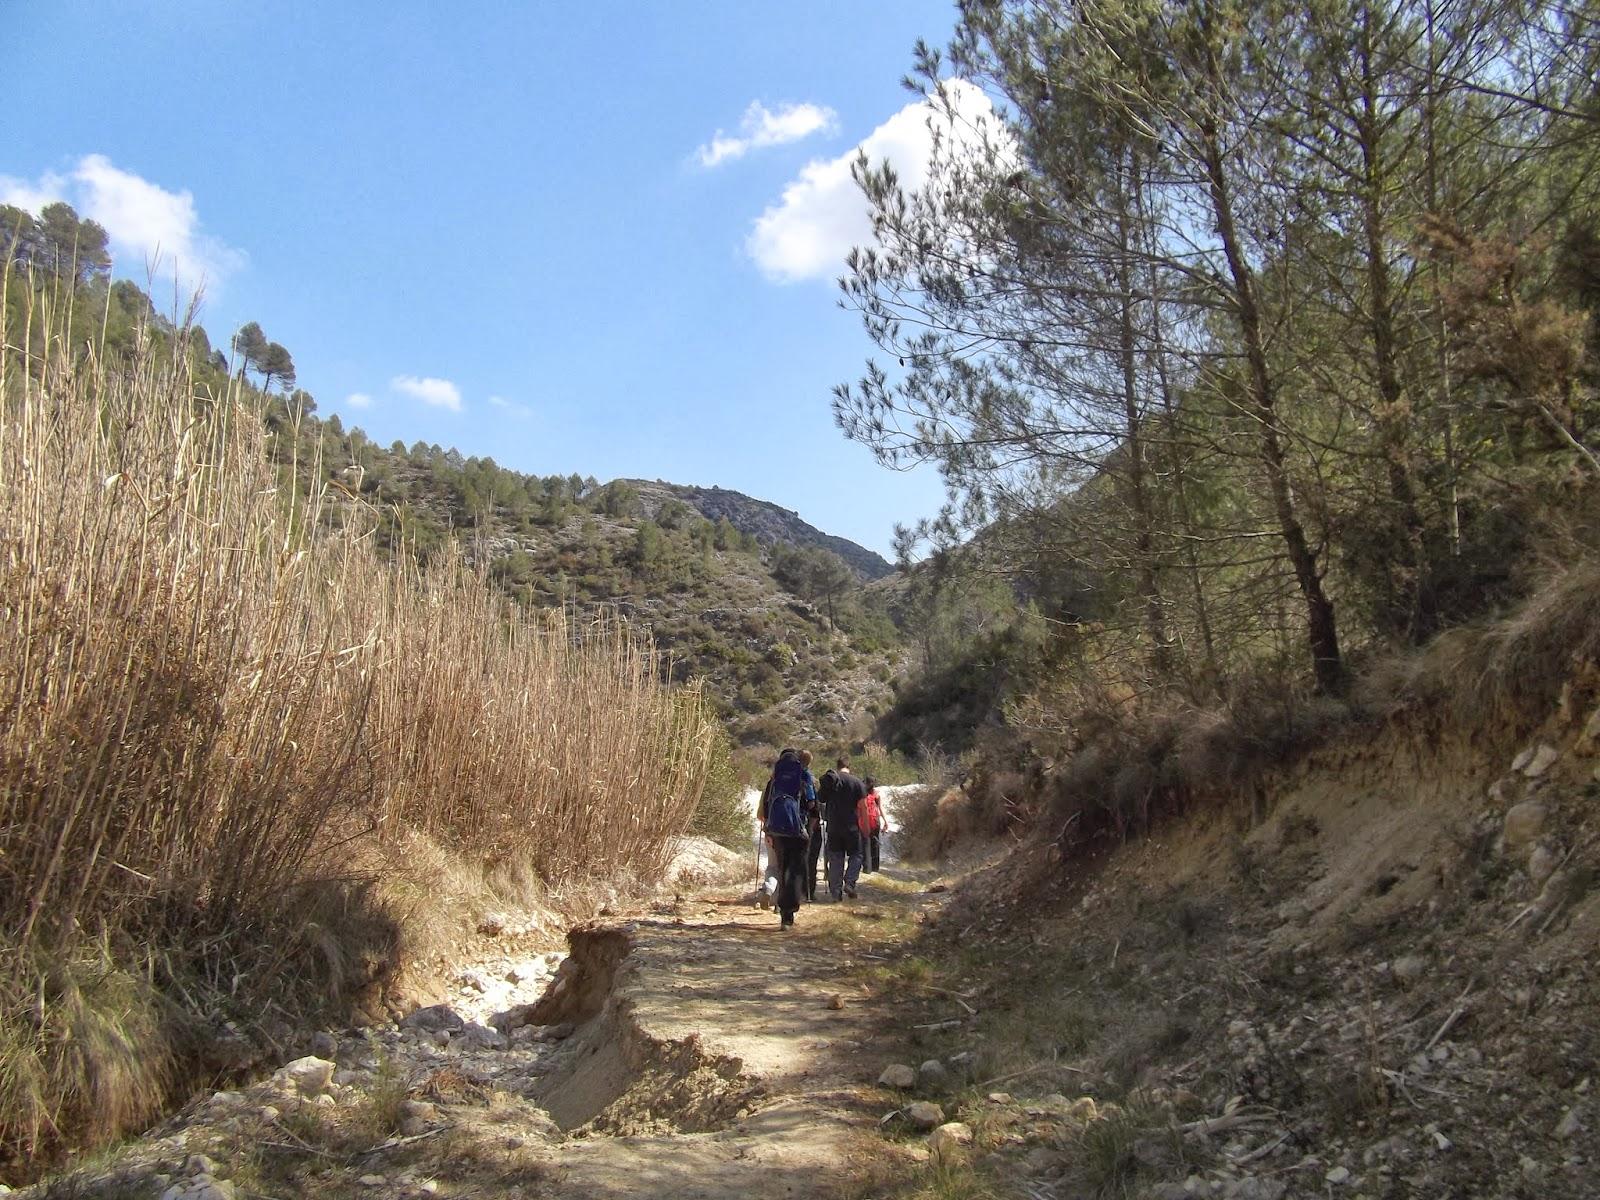 Ruta por el barranco del Infierno ~ EXCURSIONES Y SENDERISMO